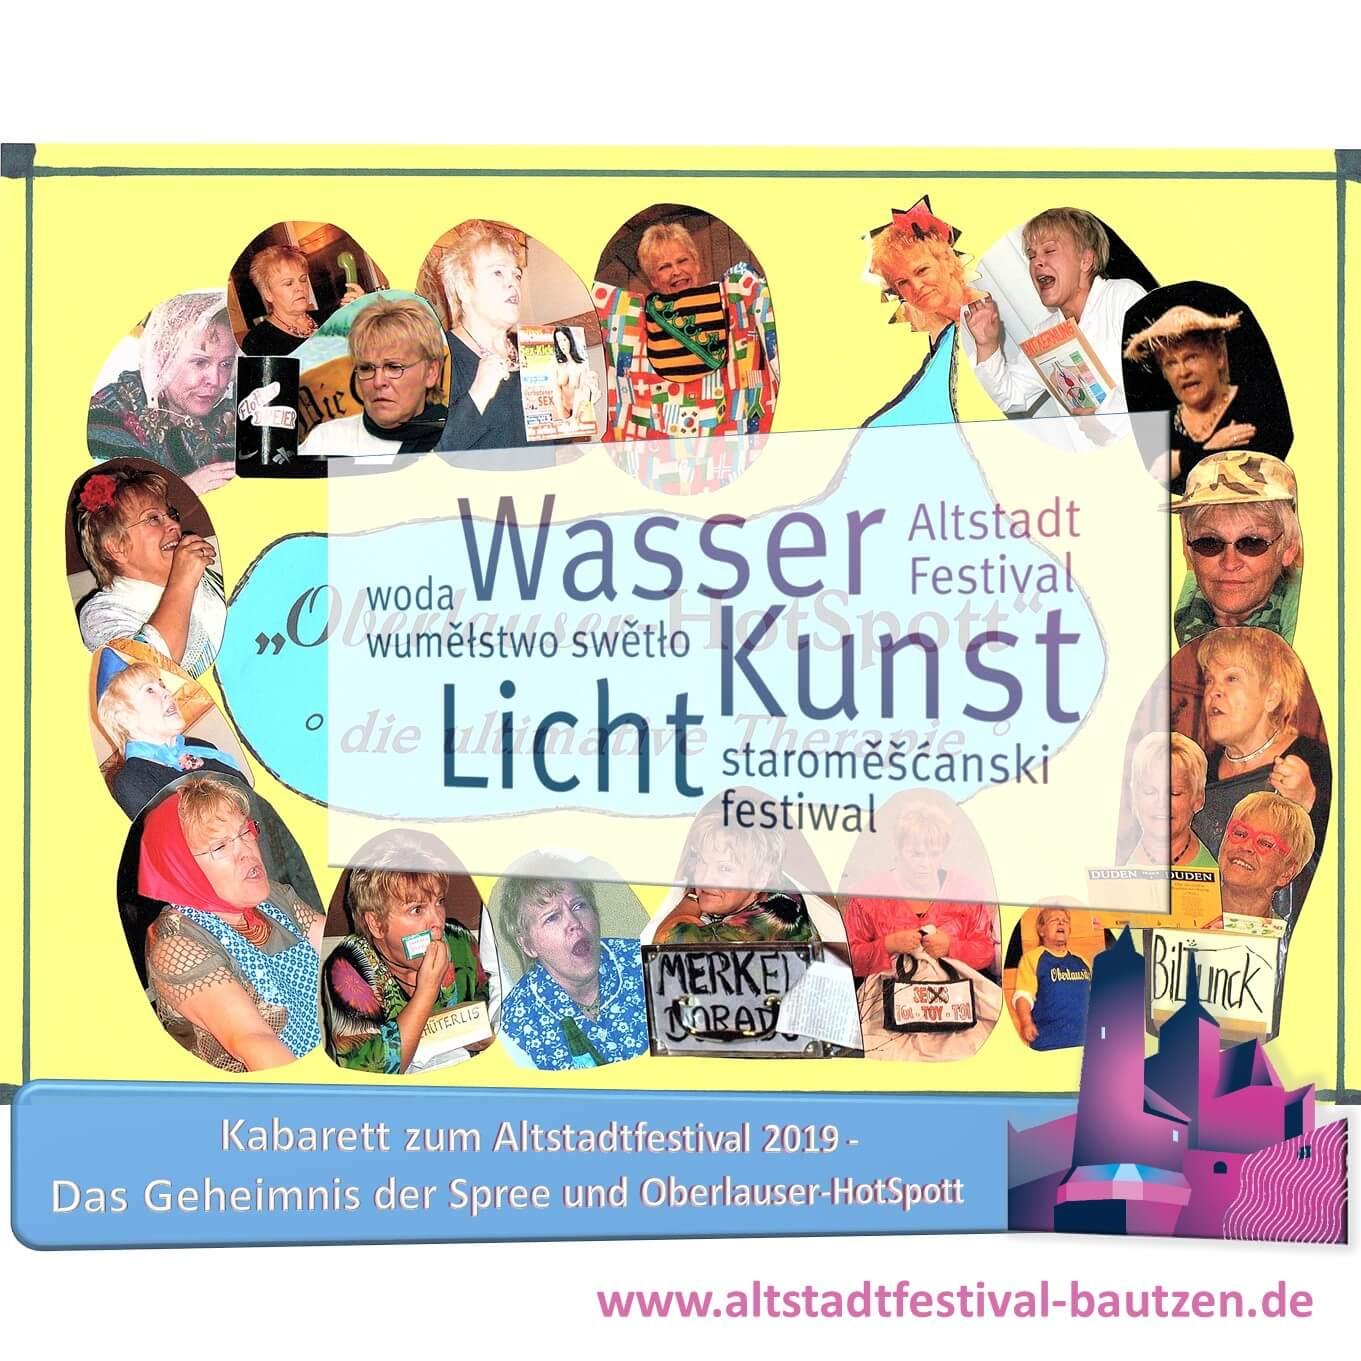 Beitrag Kabarett zum Altstadtfestival 2019